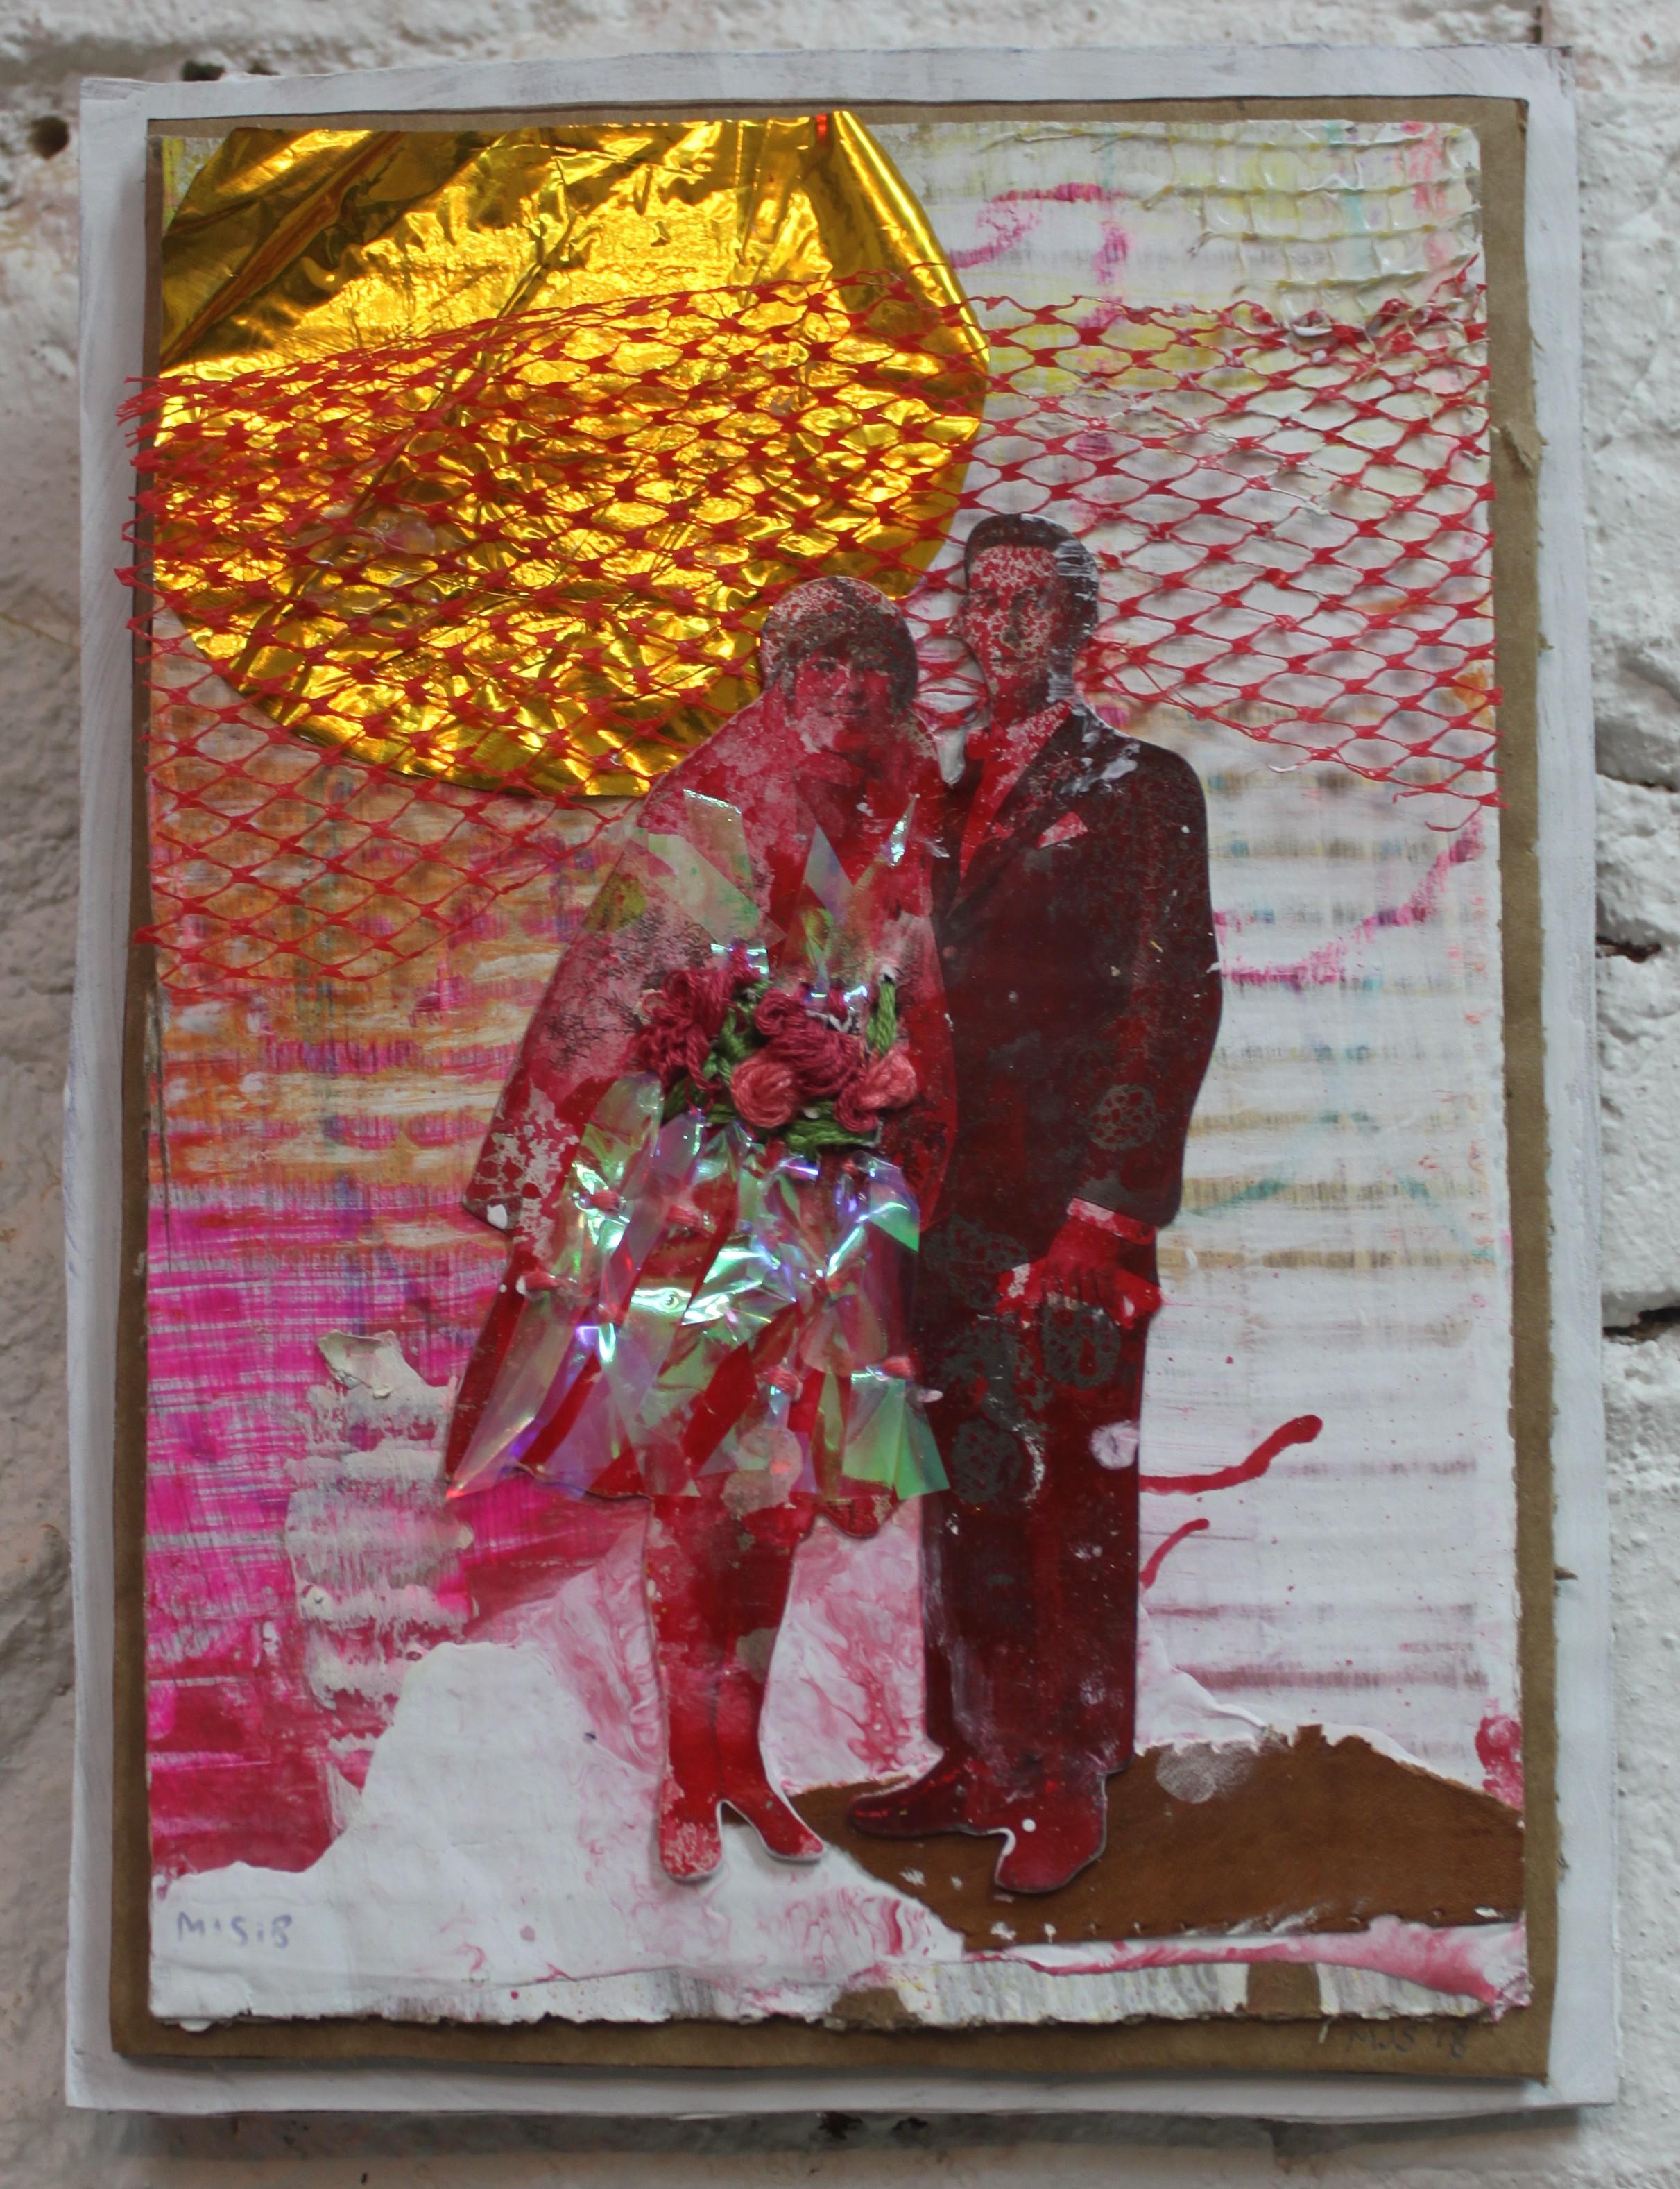 MiriamJuliannaSutton-Untitled- mixed media-9x11-2018-$120.JPG